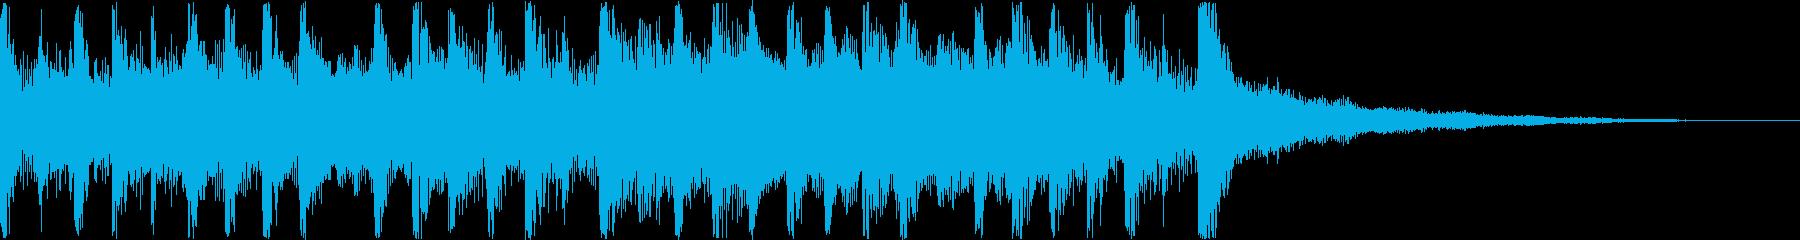 メカニックな重圧のあるトランスポップスの再生済みの波形